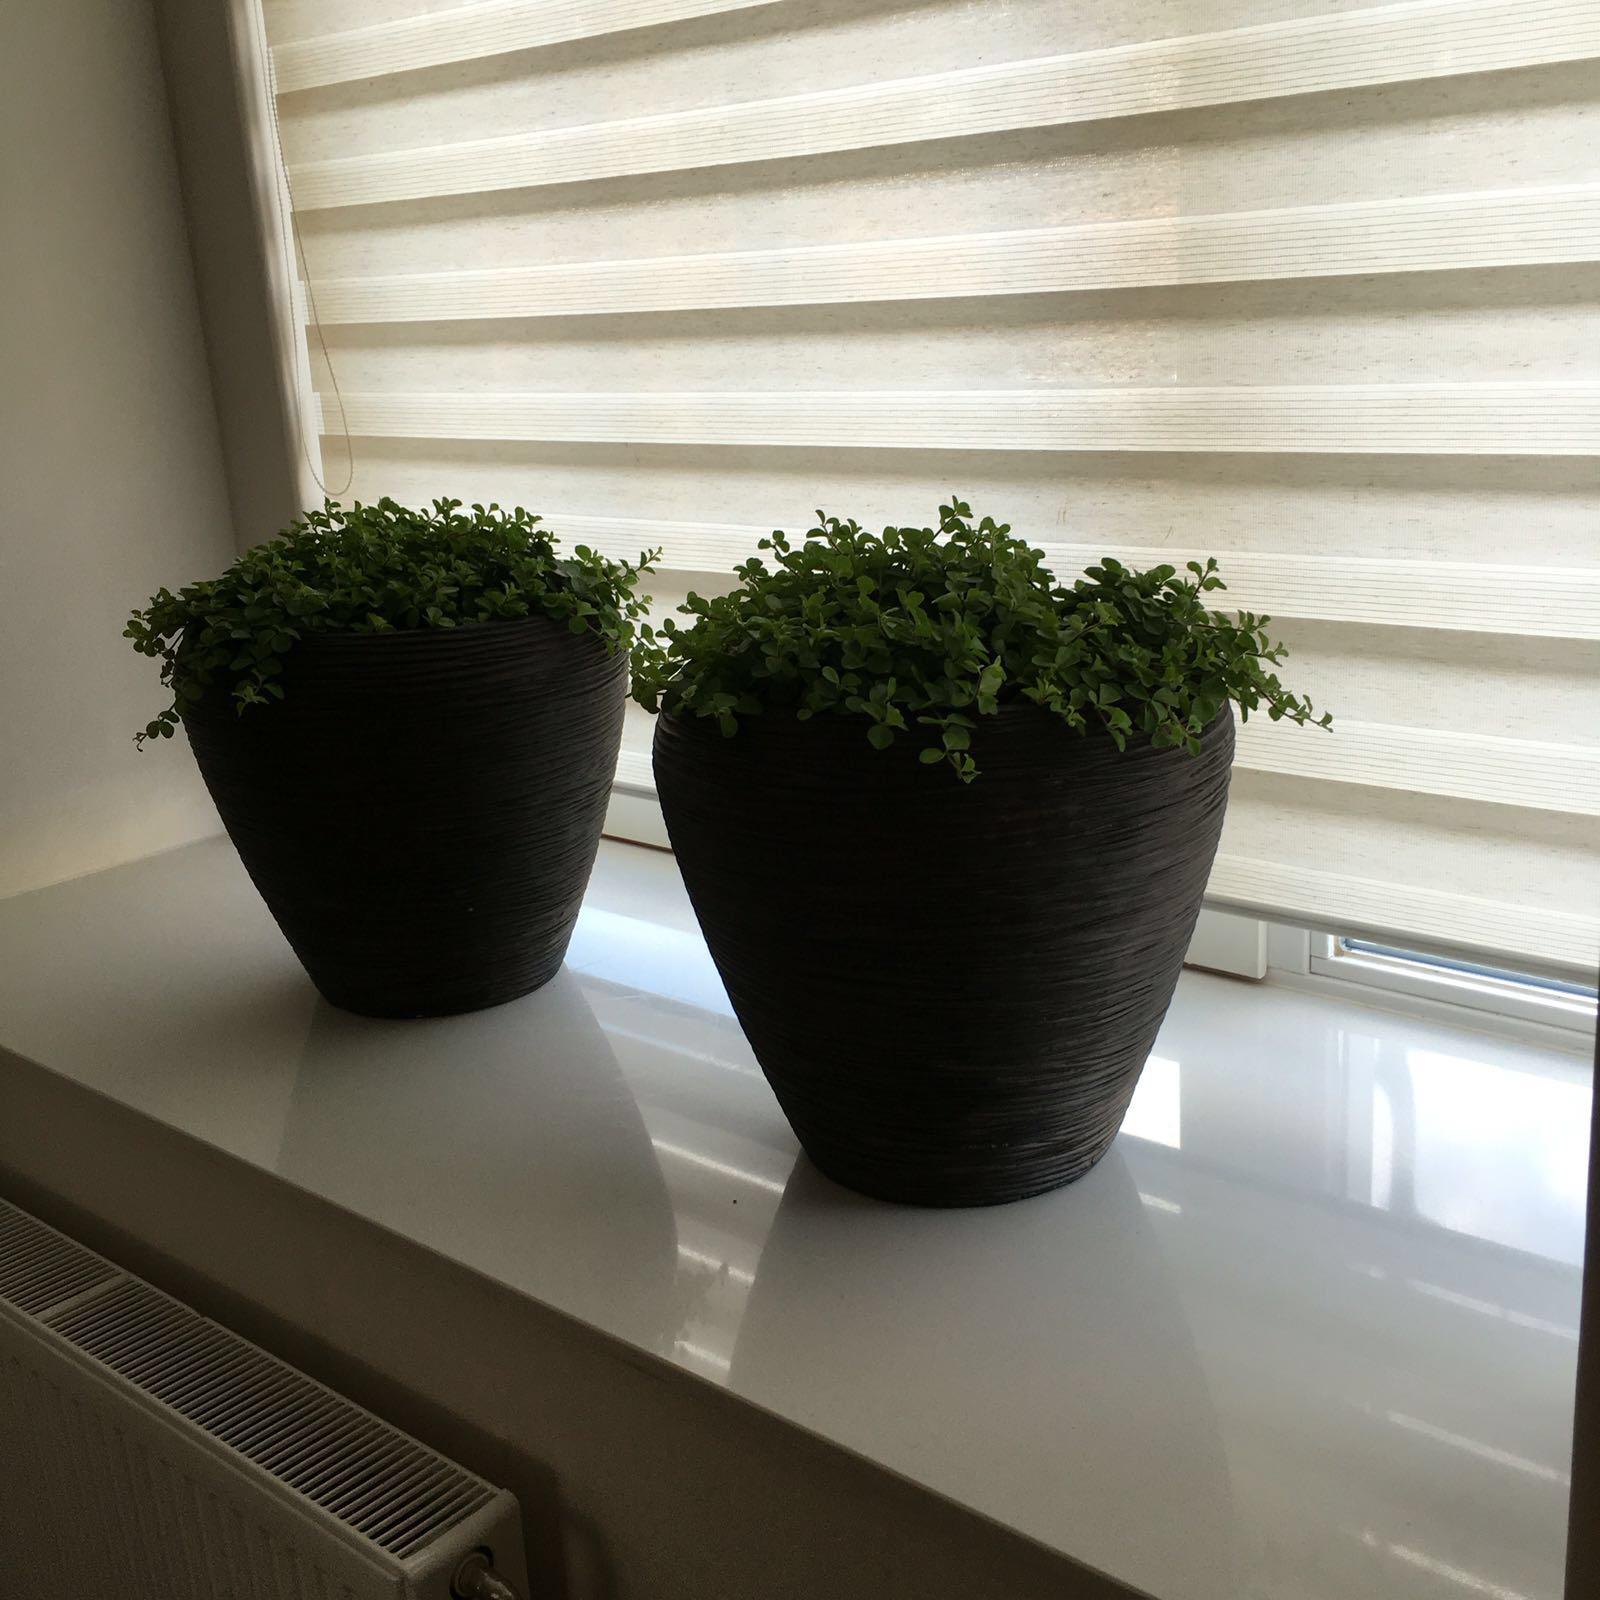 Woonvraag 1 vensterbank everdien vroom interieurontwerp - Idee van interieurontwerp ...